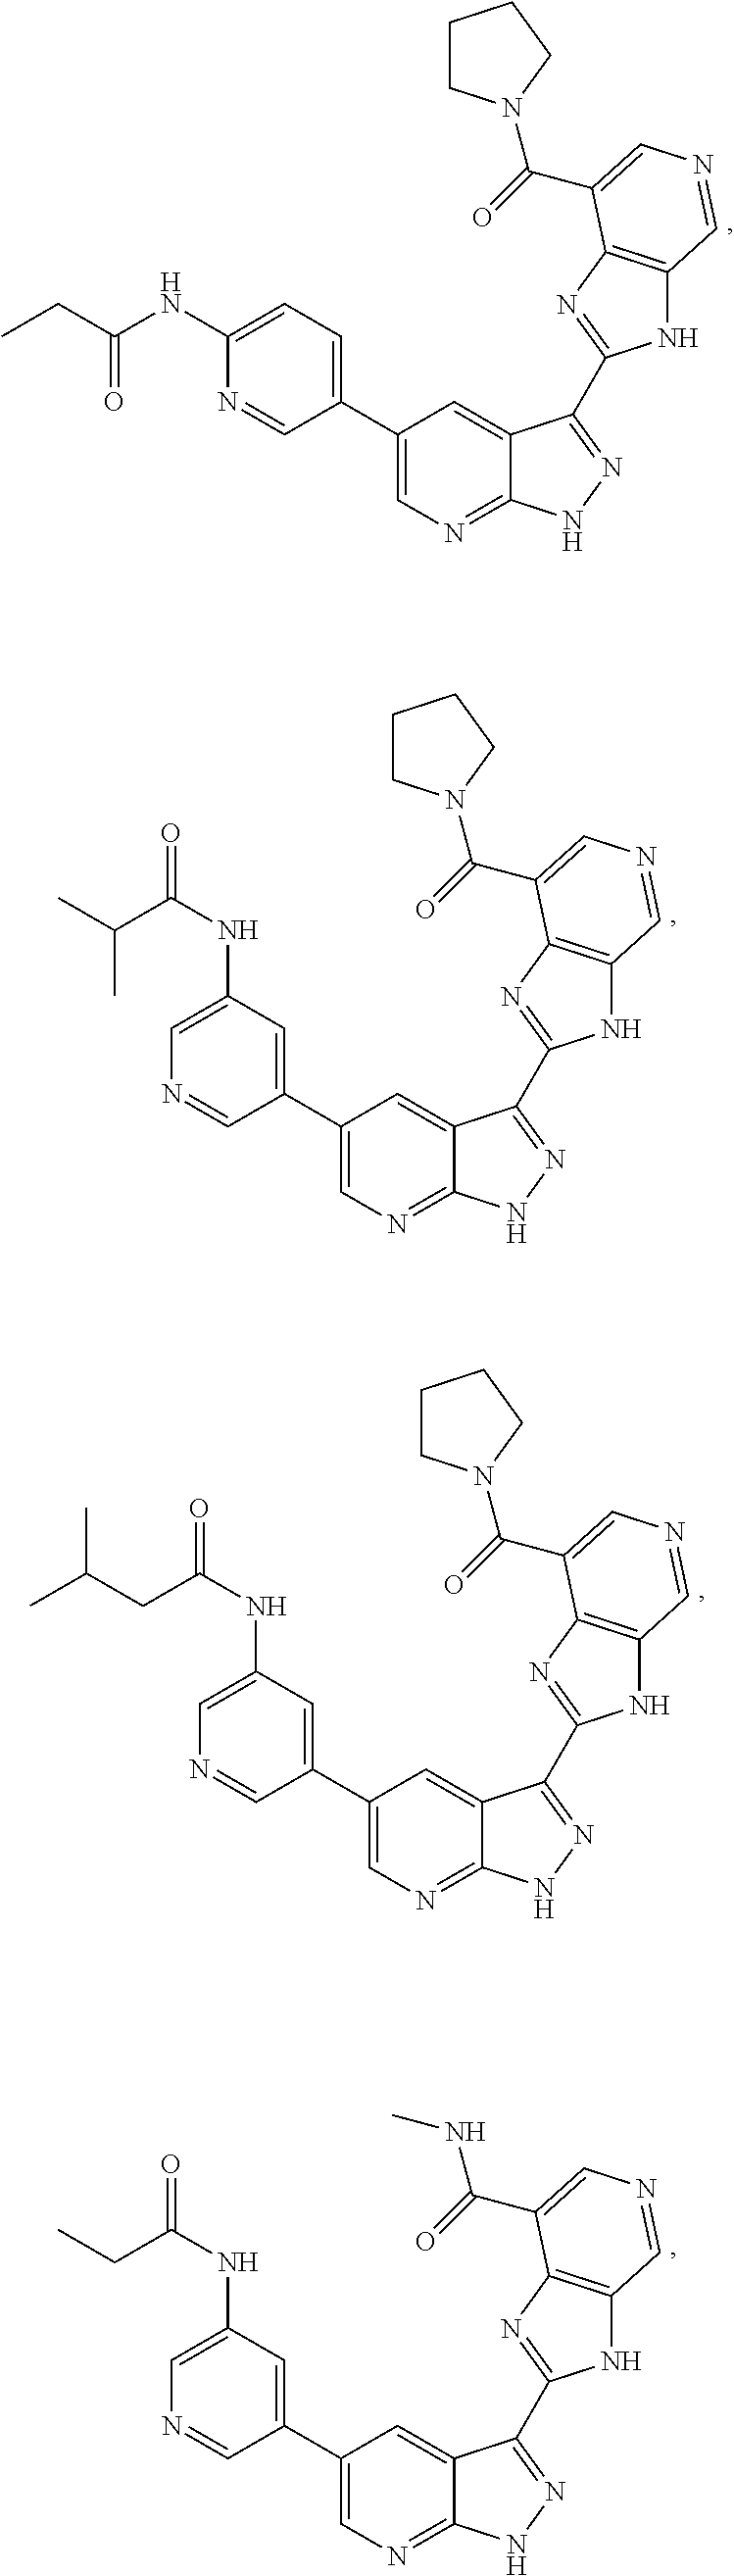 Figure US08618128-20131231-C00040